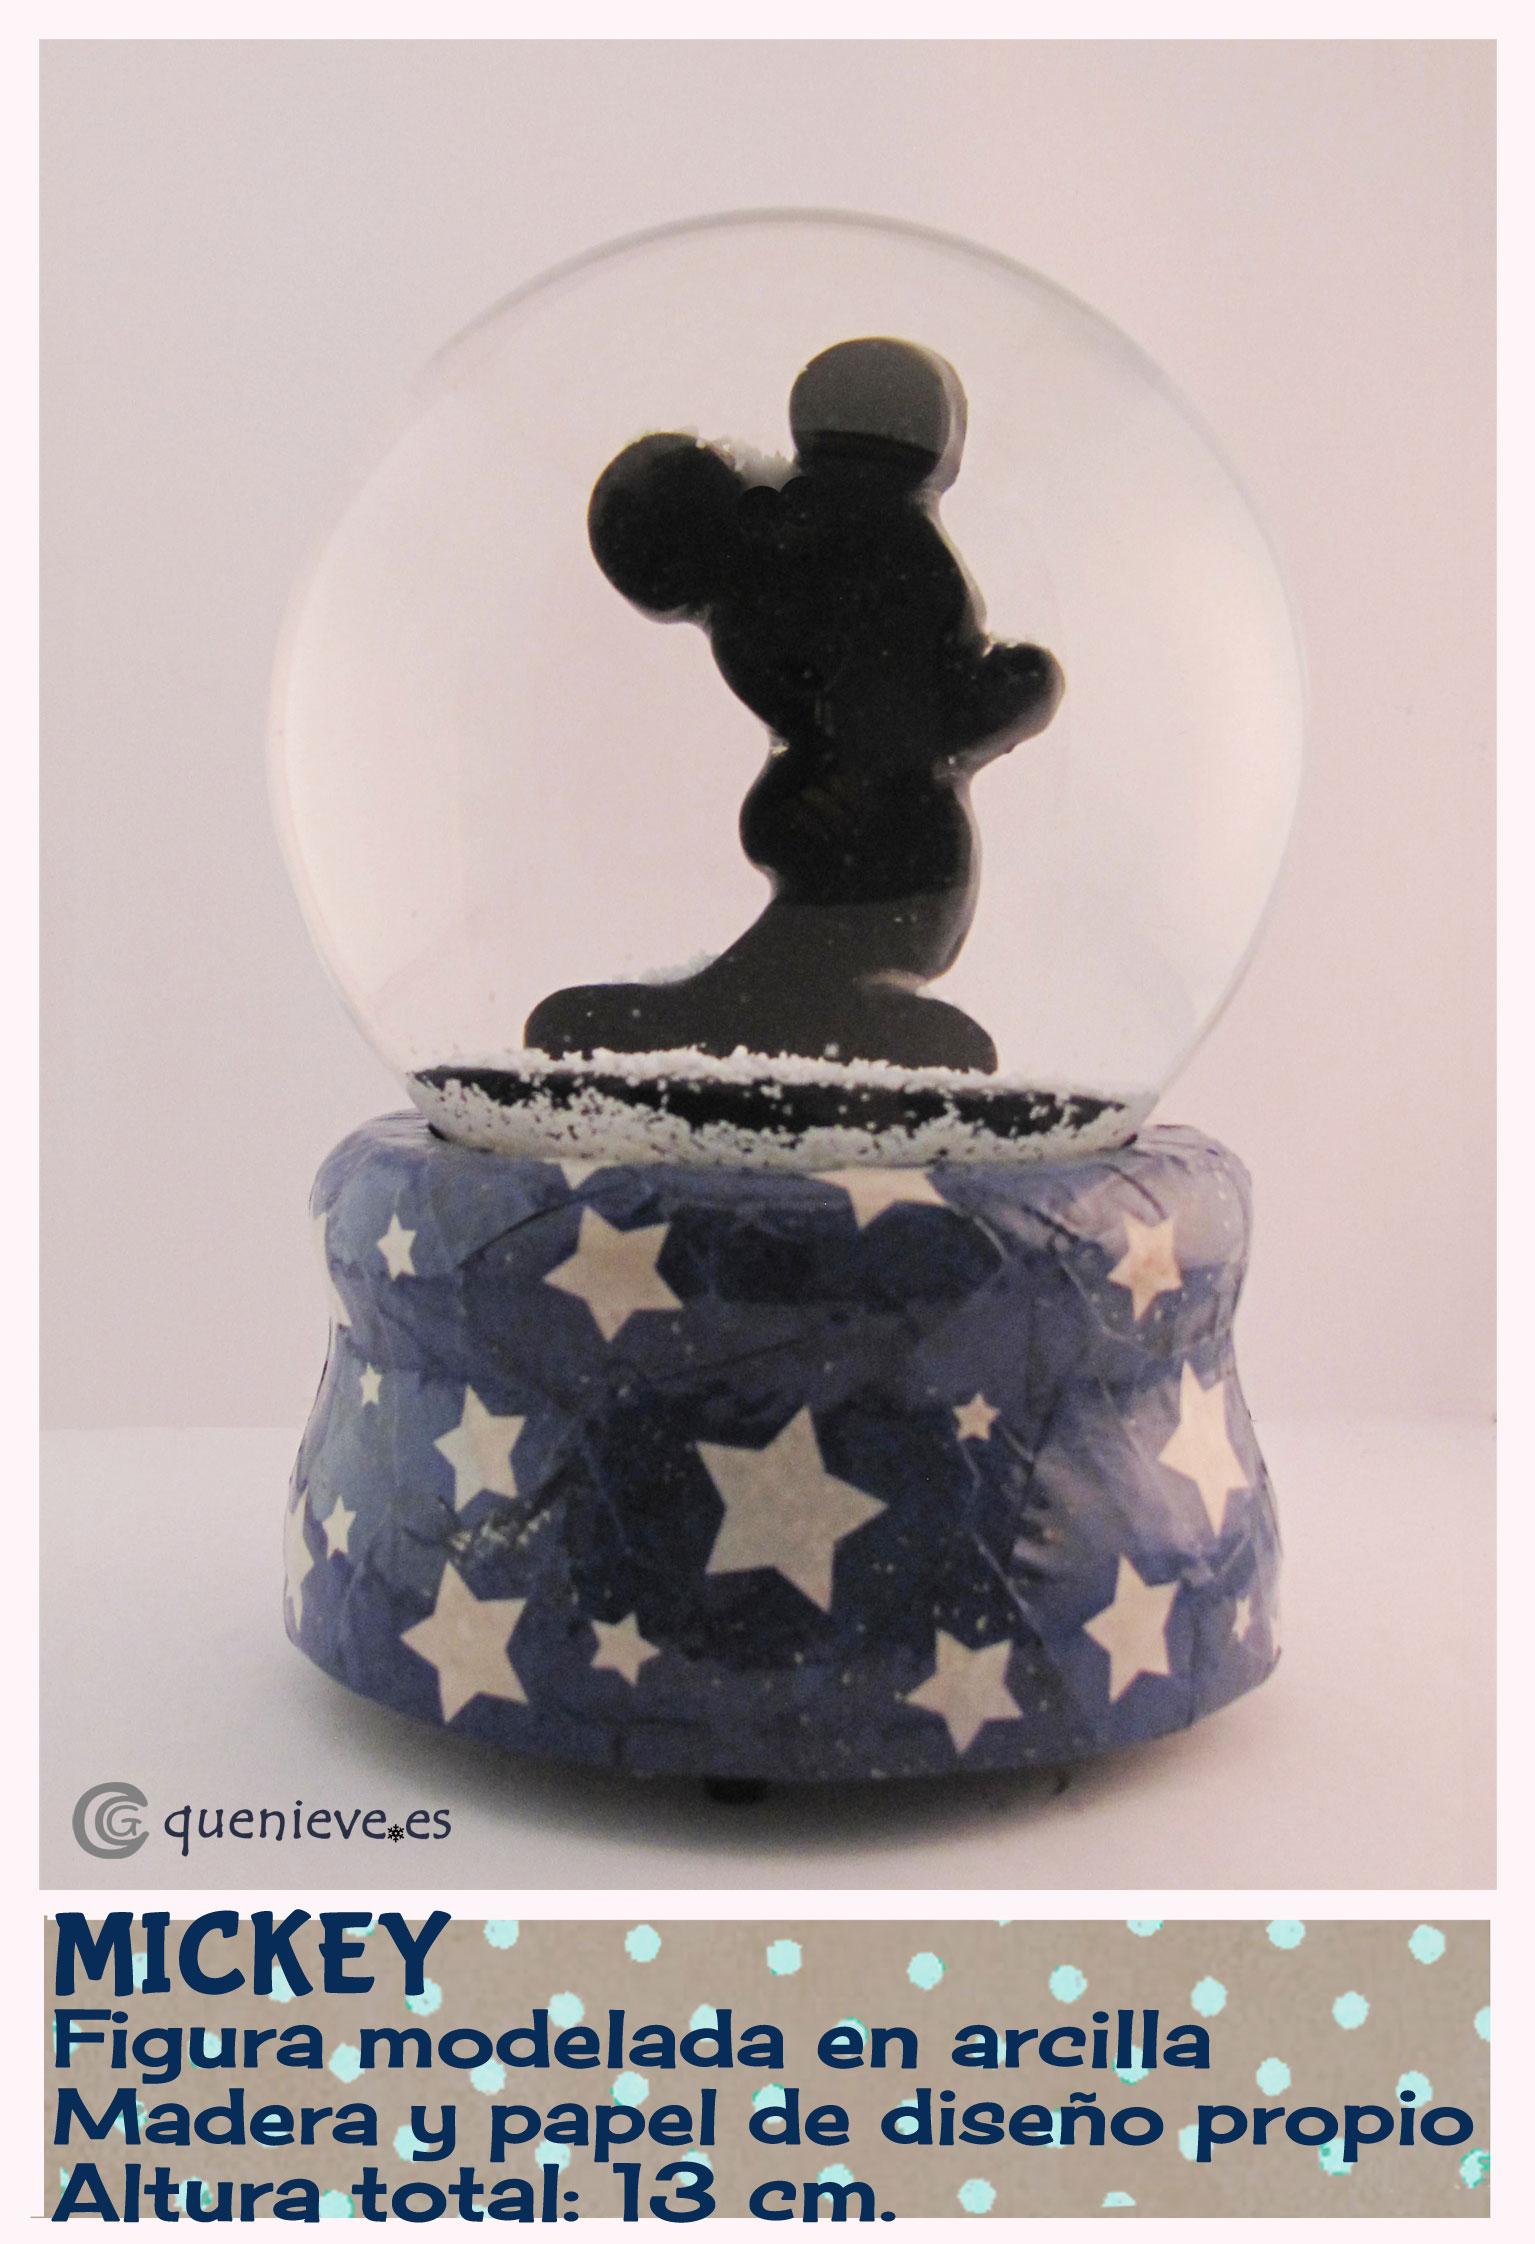 Bola de nieve personalizada con figura de Mickey. Creada por QueNieve